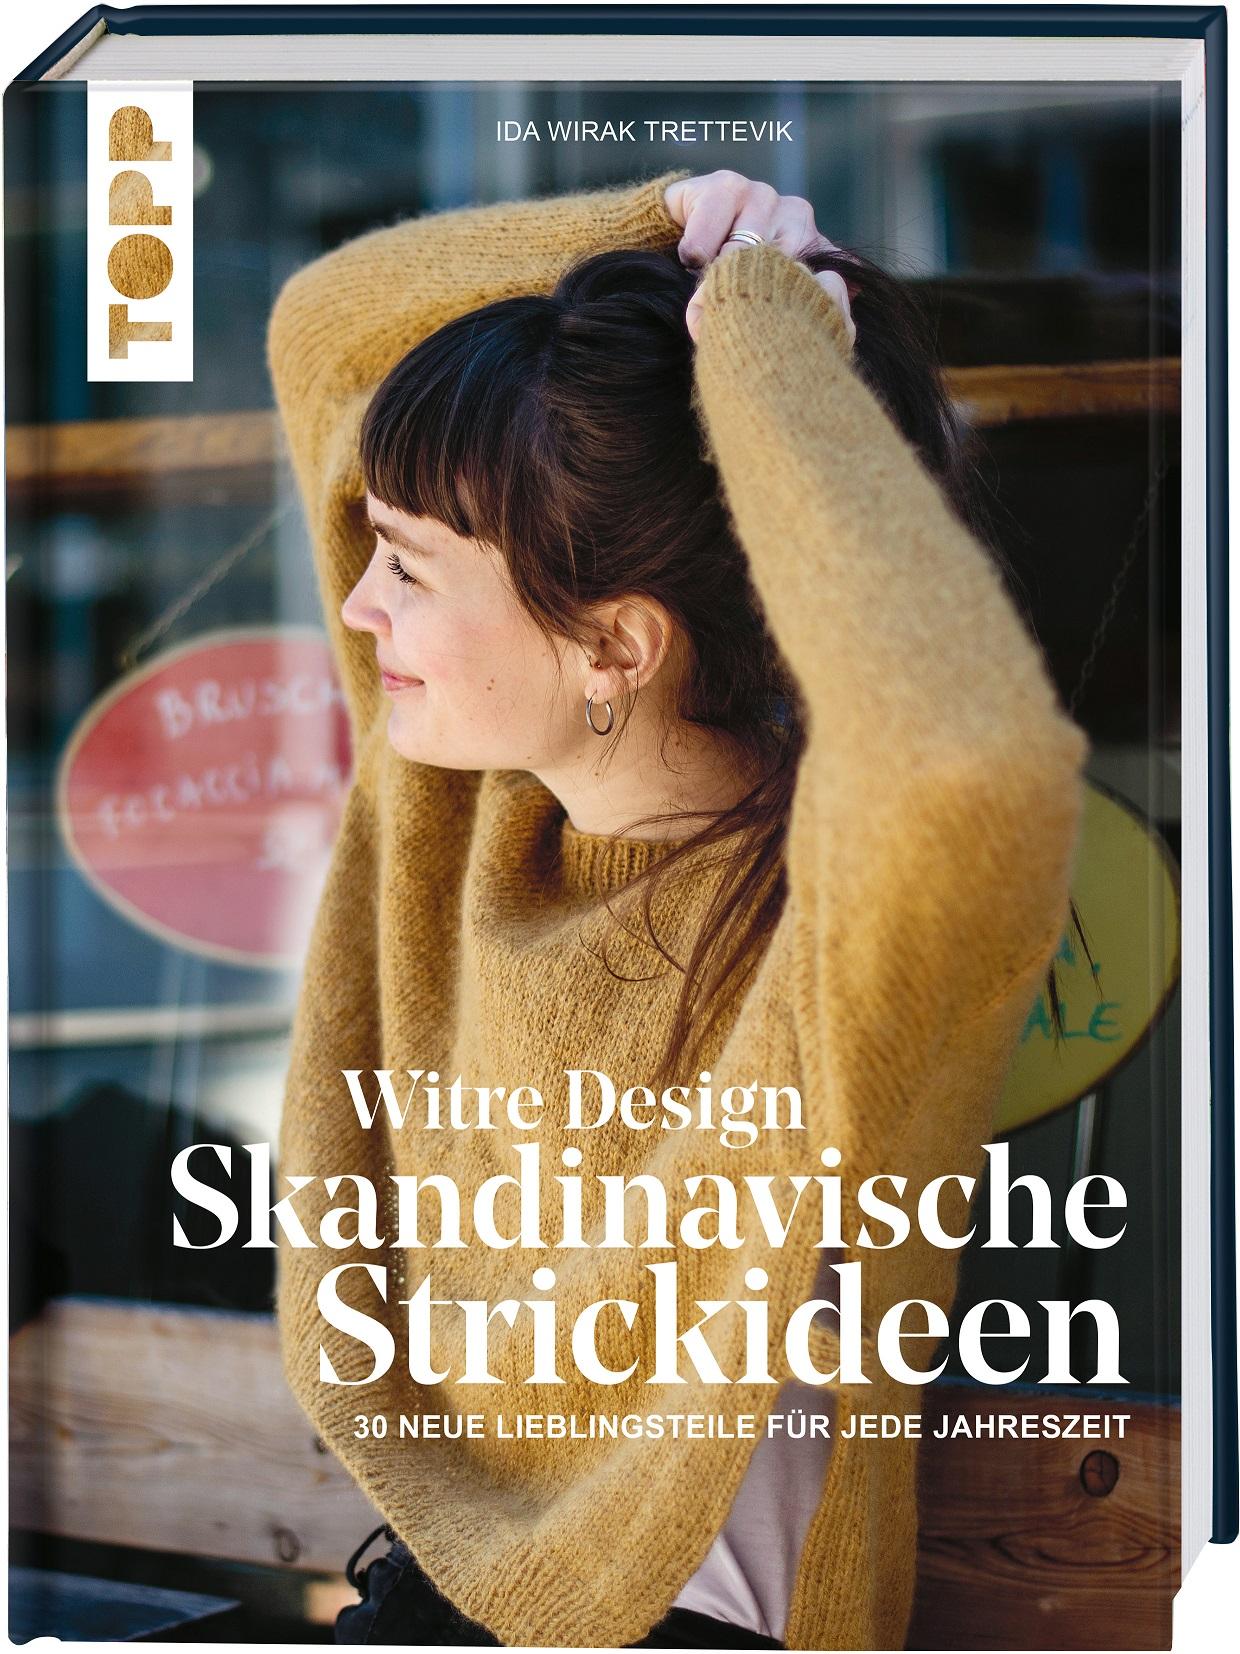 Topp 4873 Witre Design - Skandinavische